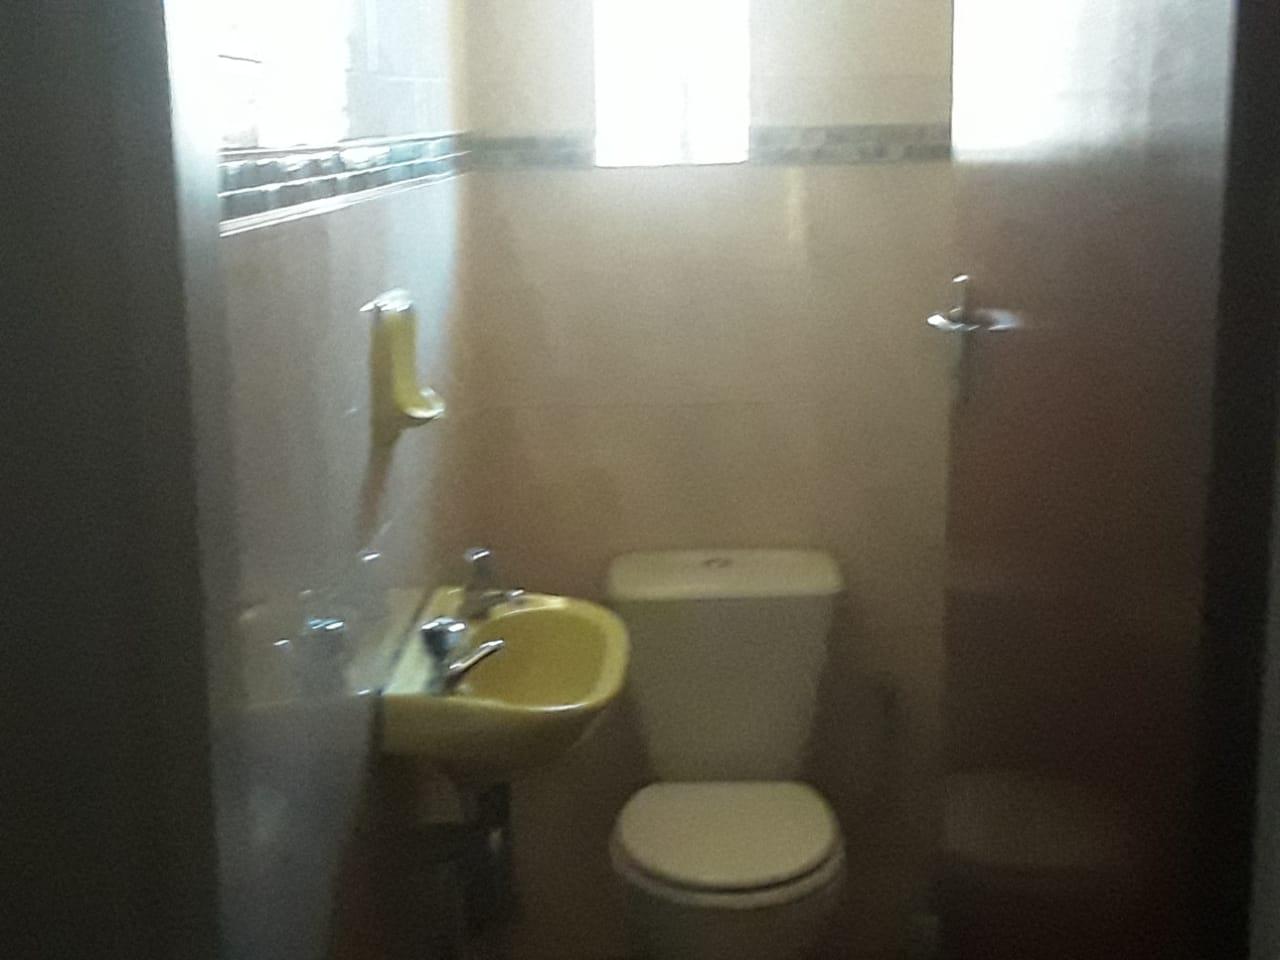 2 Bedroom house on sale for R350 000 at Marokolong/Hammanskraal